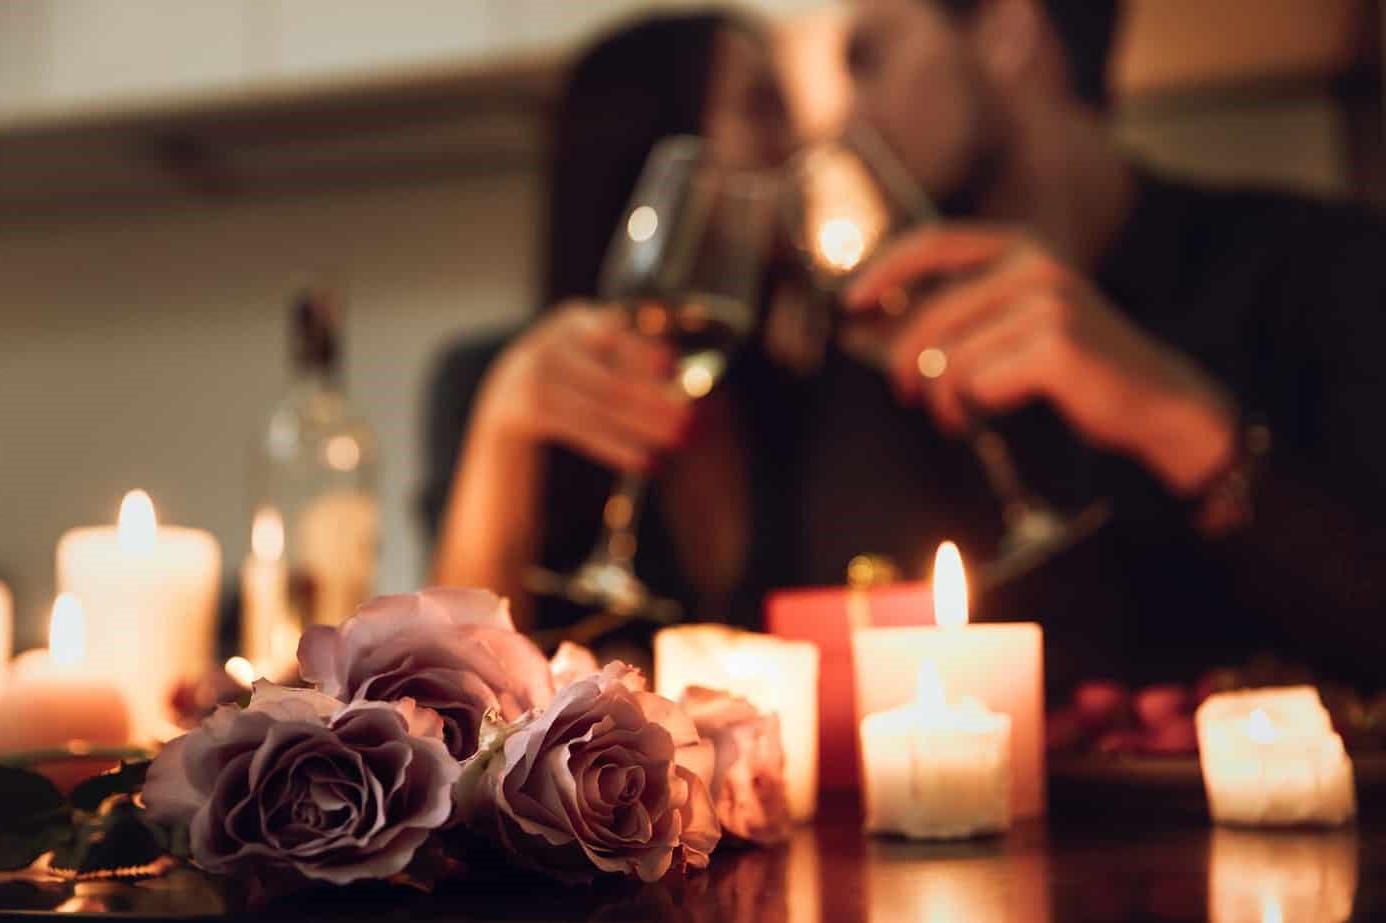 Atmosphère romantique à la maison.